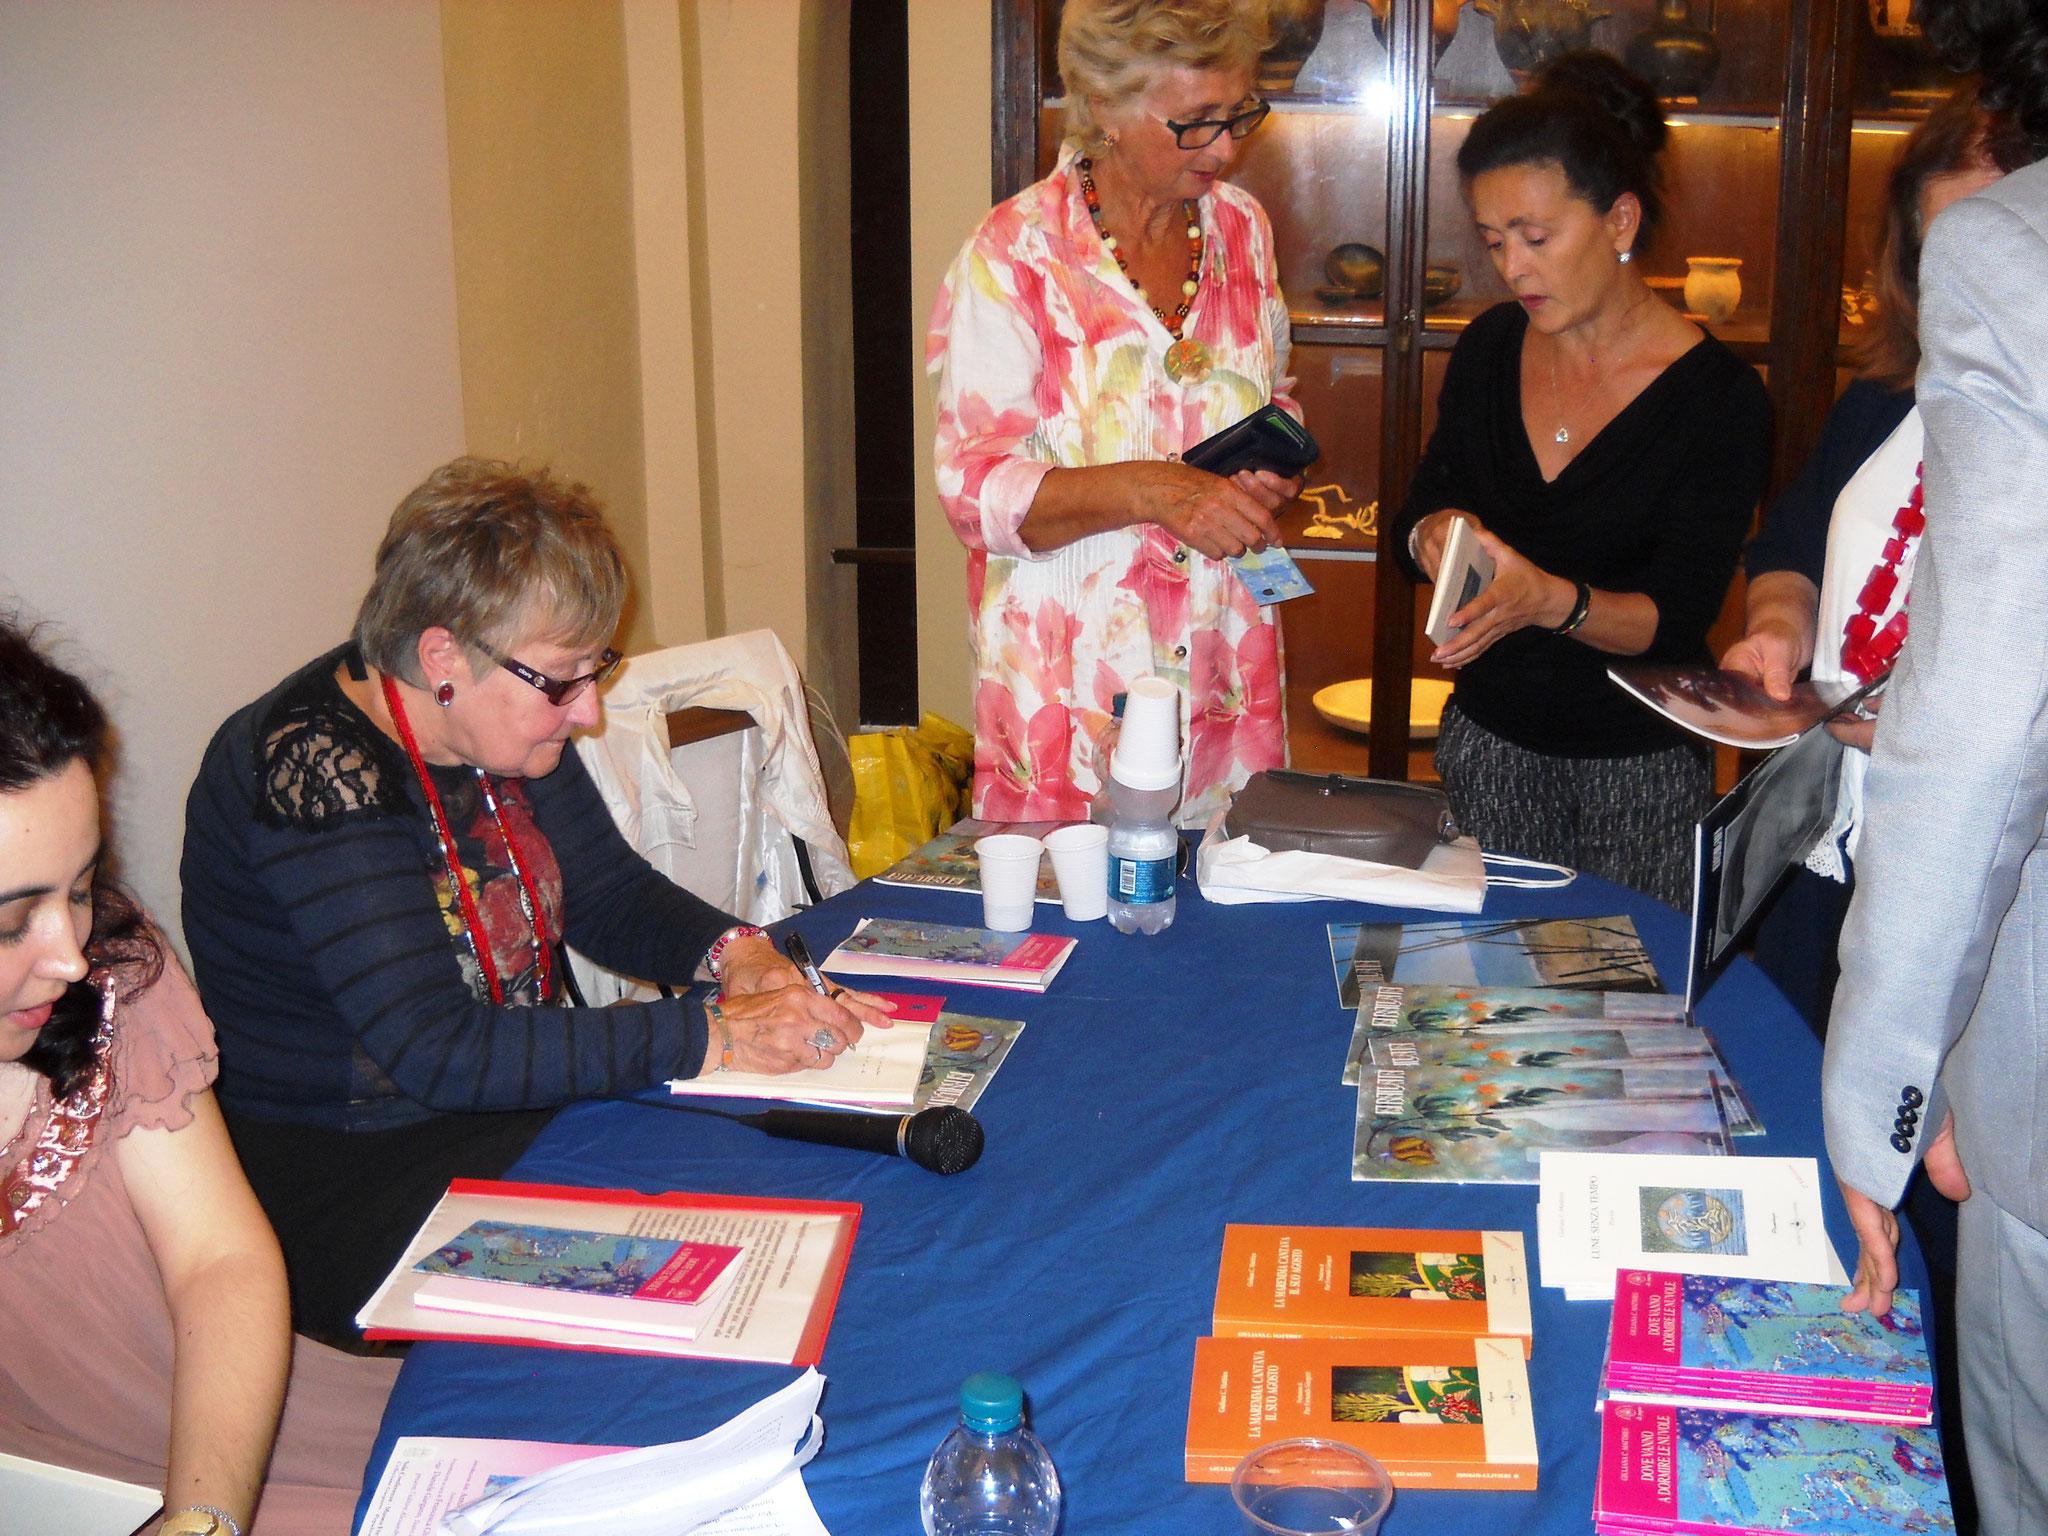 L'autrice che autografa i suoi libri